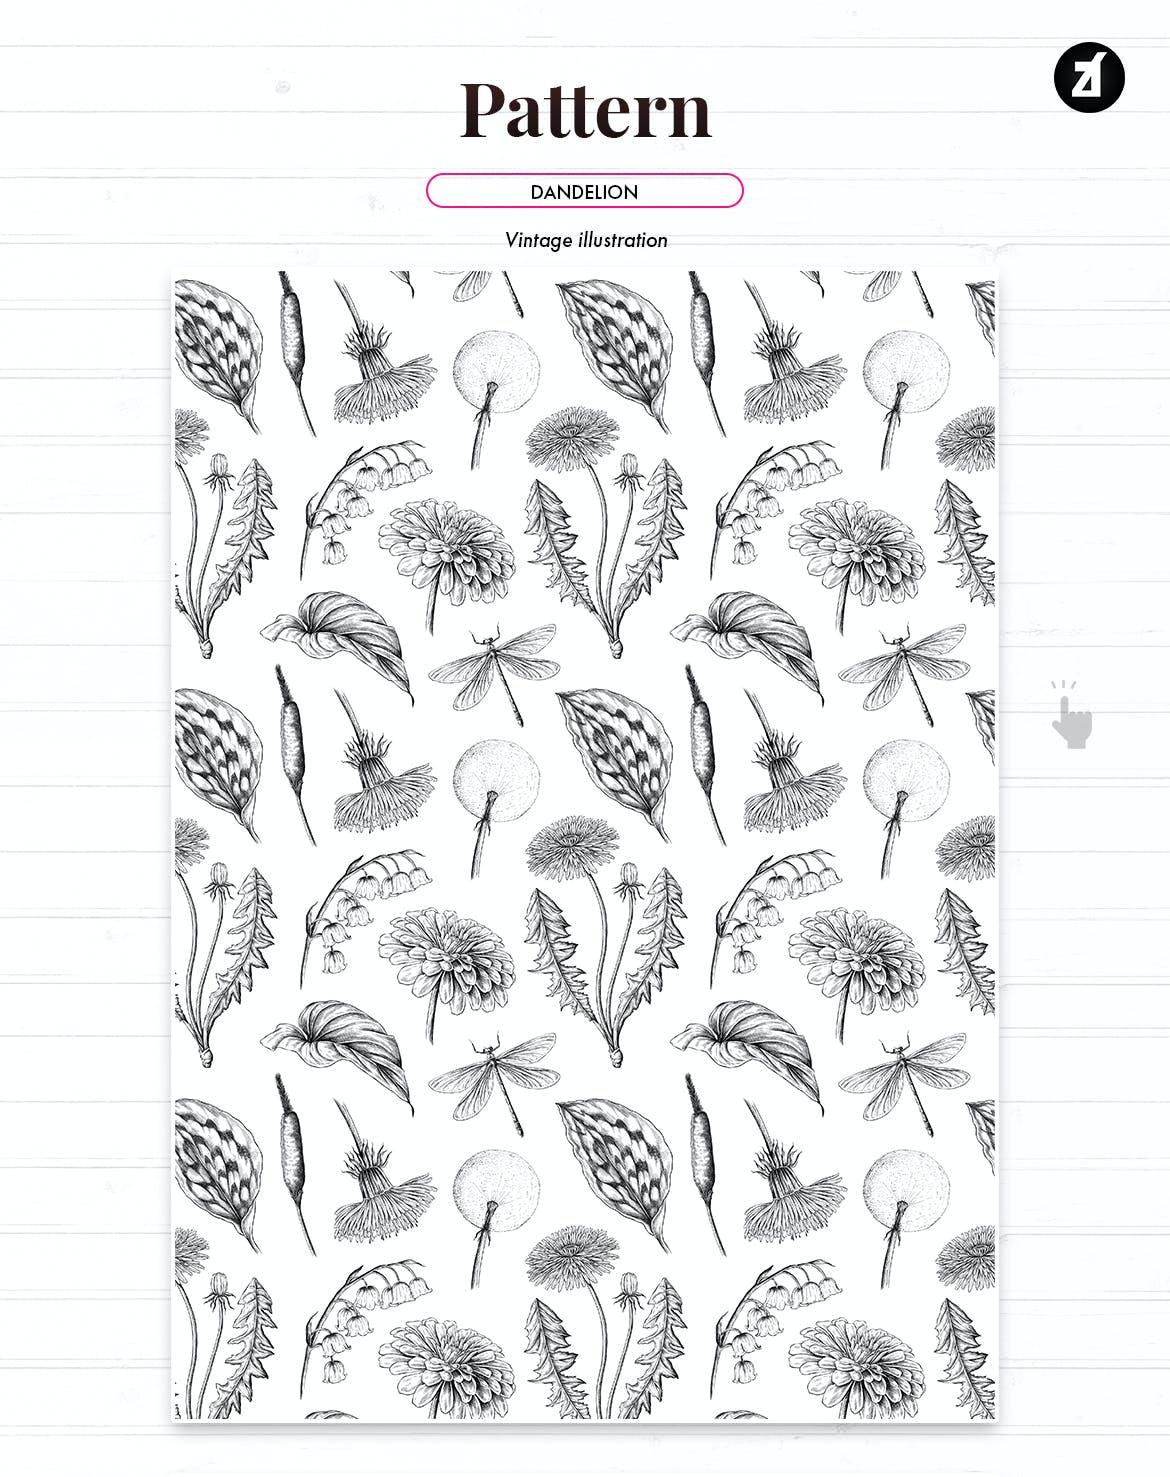 复古蒲公英手绘插画背景图案PS设计素材 Dandelion vintage illustration and pattern插图1